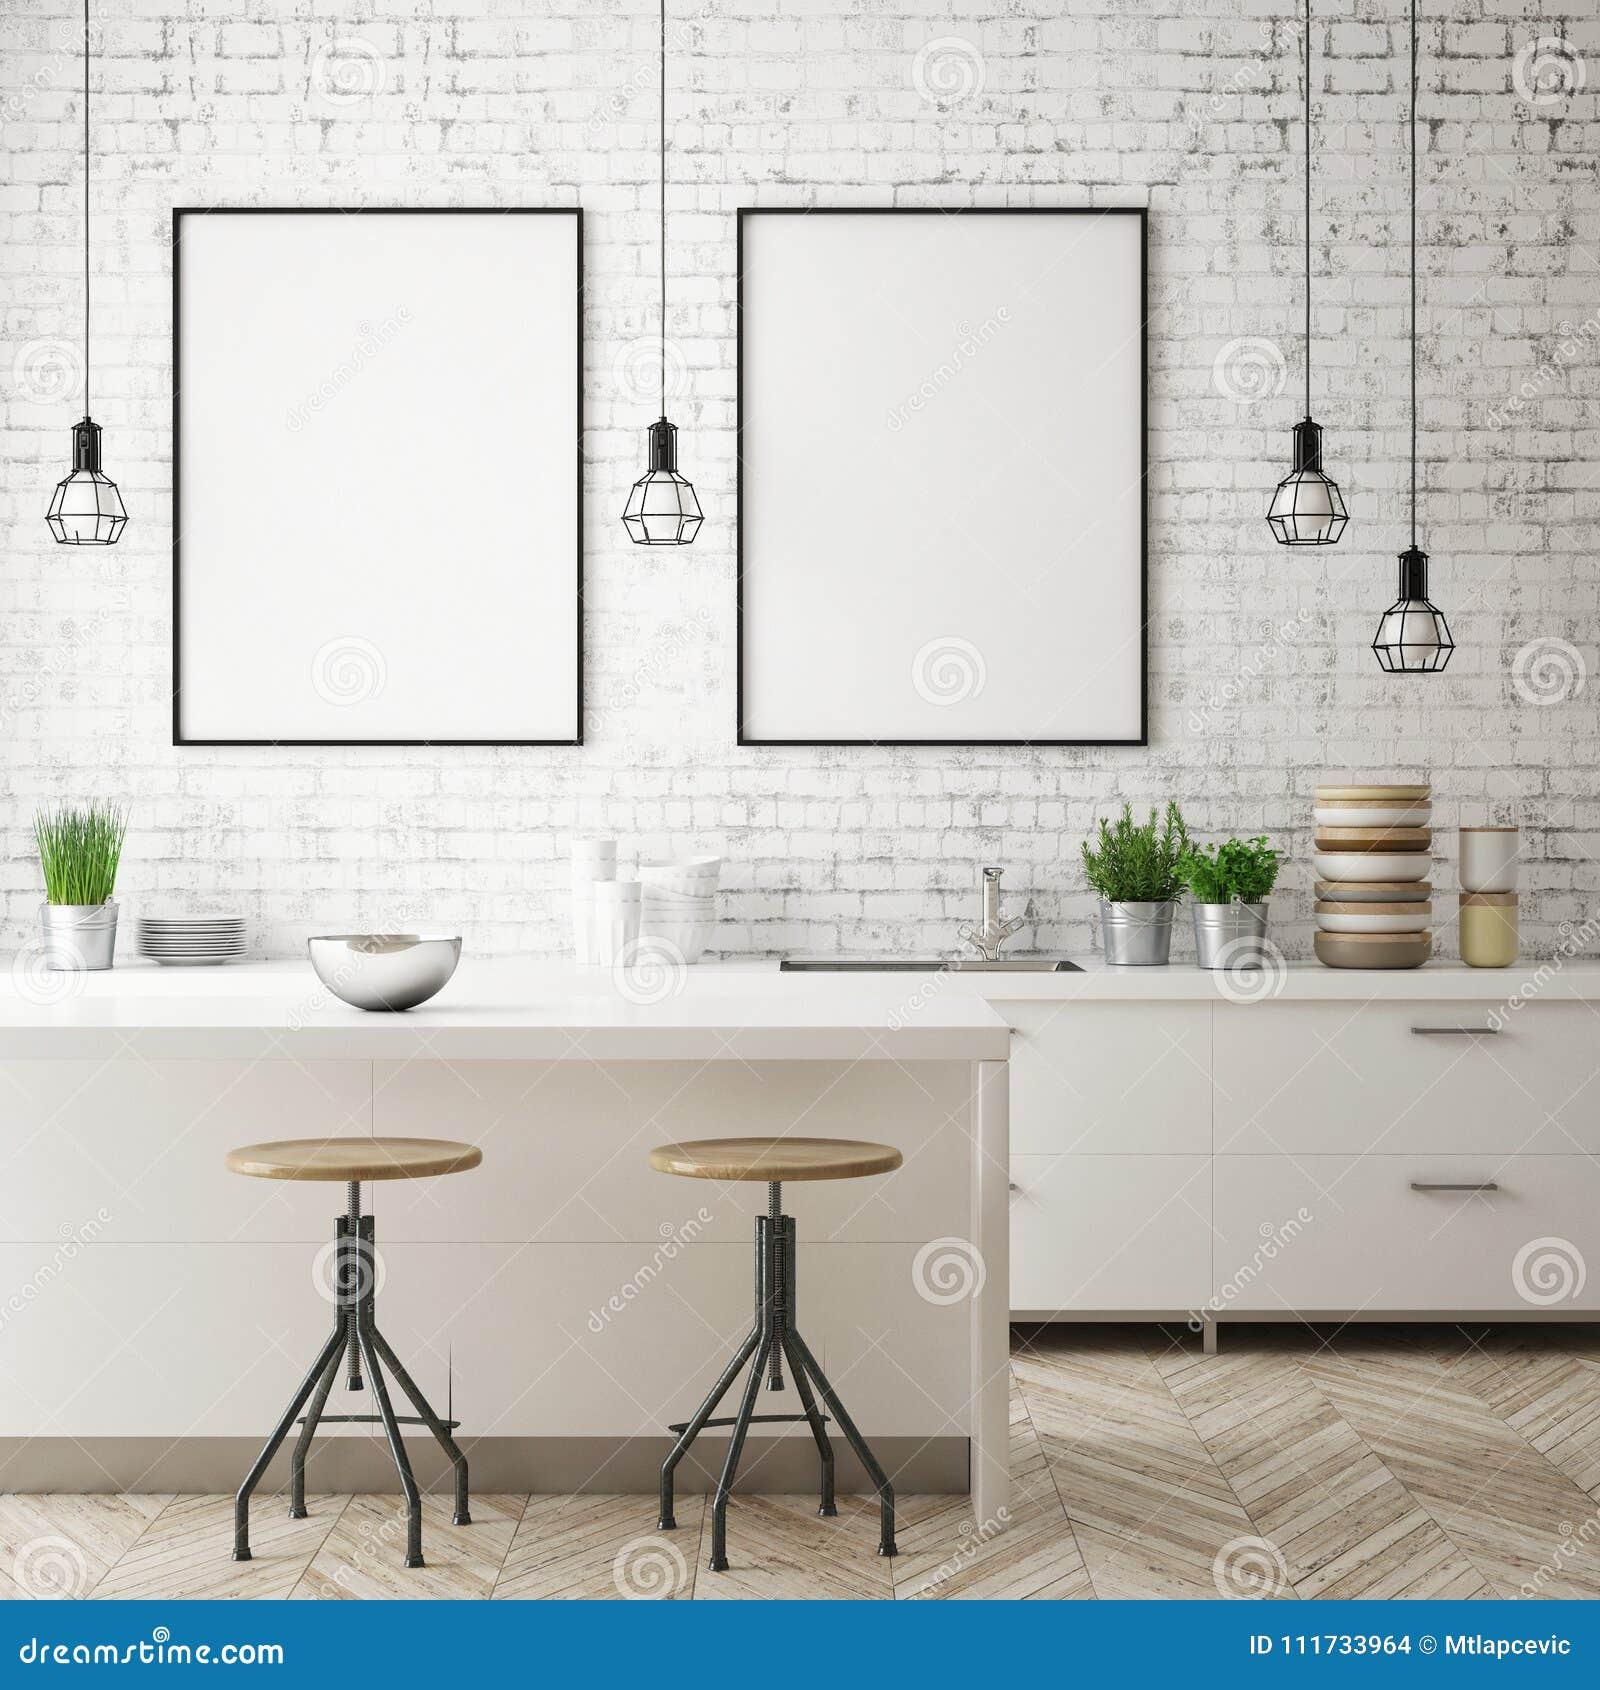 Imite encima de marco del cartel en el fondo interior de la cocina, estilo escandinavo, 3D rinden